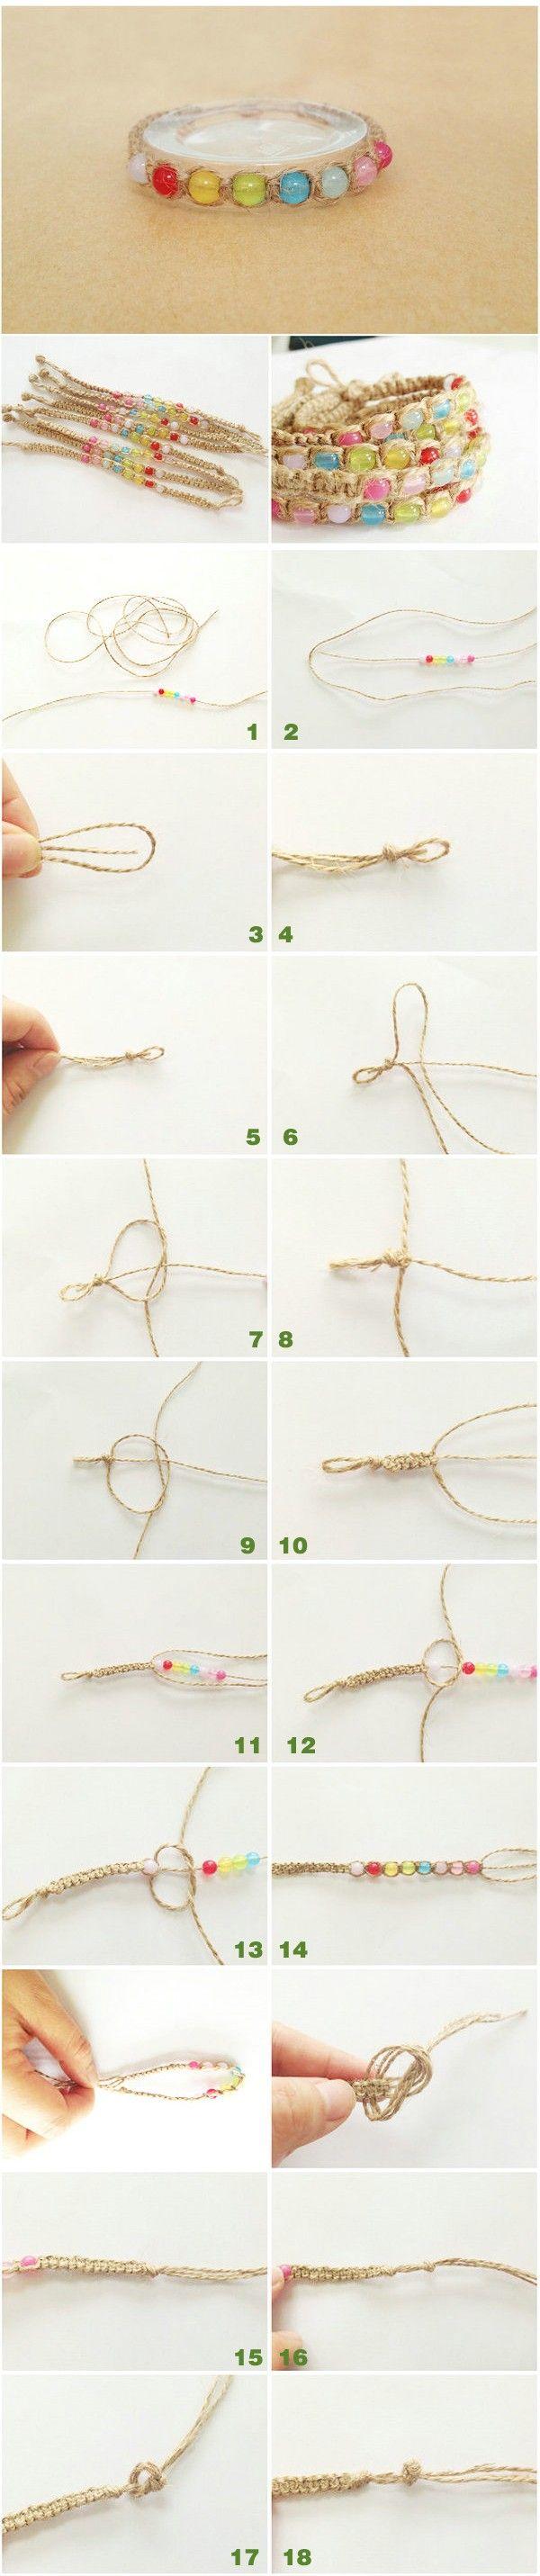 Handmade hemp Caizhu Bracelet